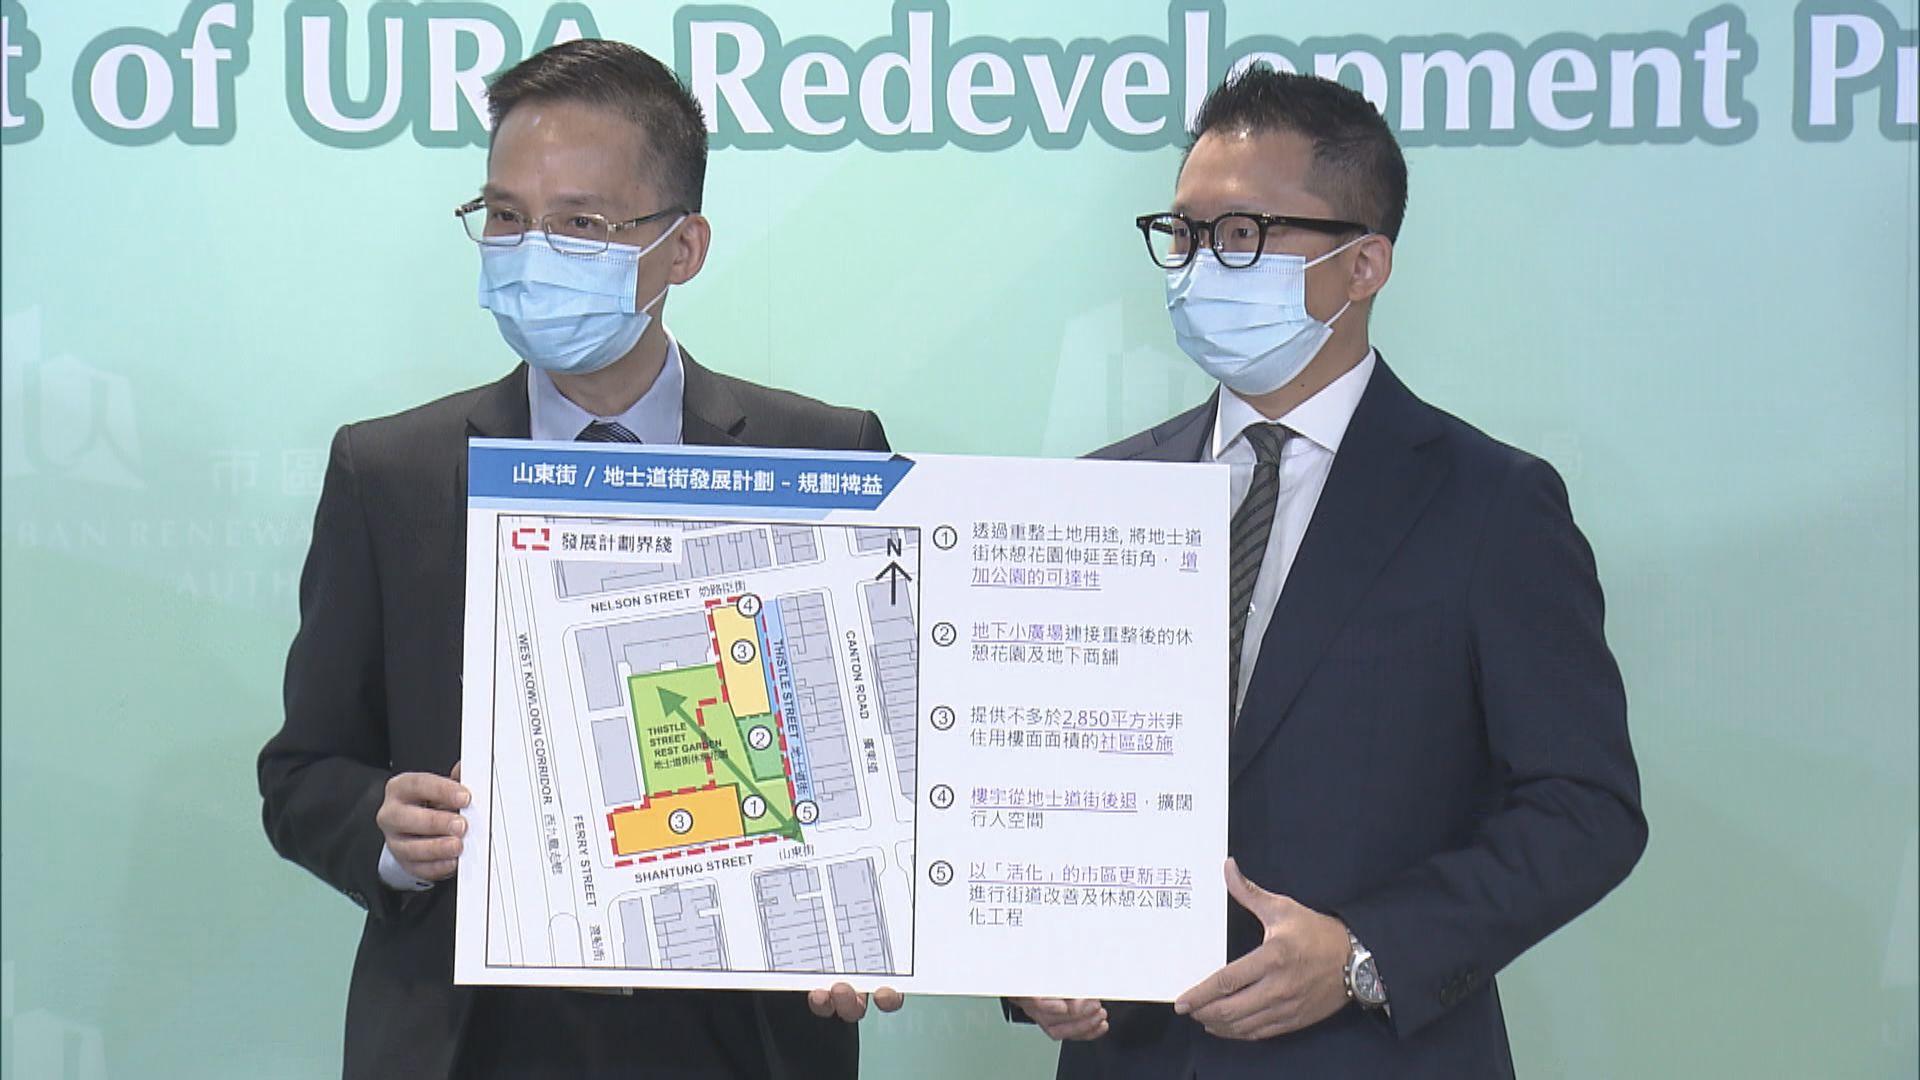 市建局地士道街重建項目 將賠償合資格劏房戶